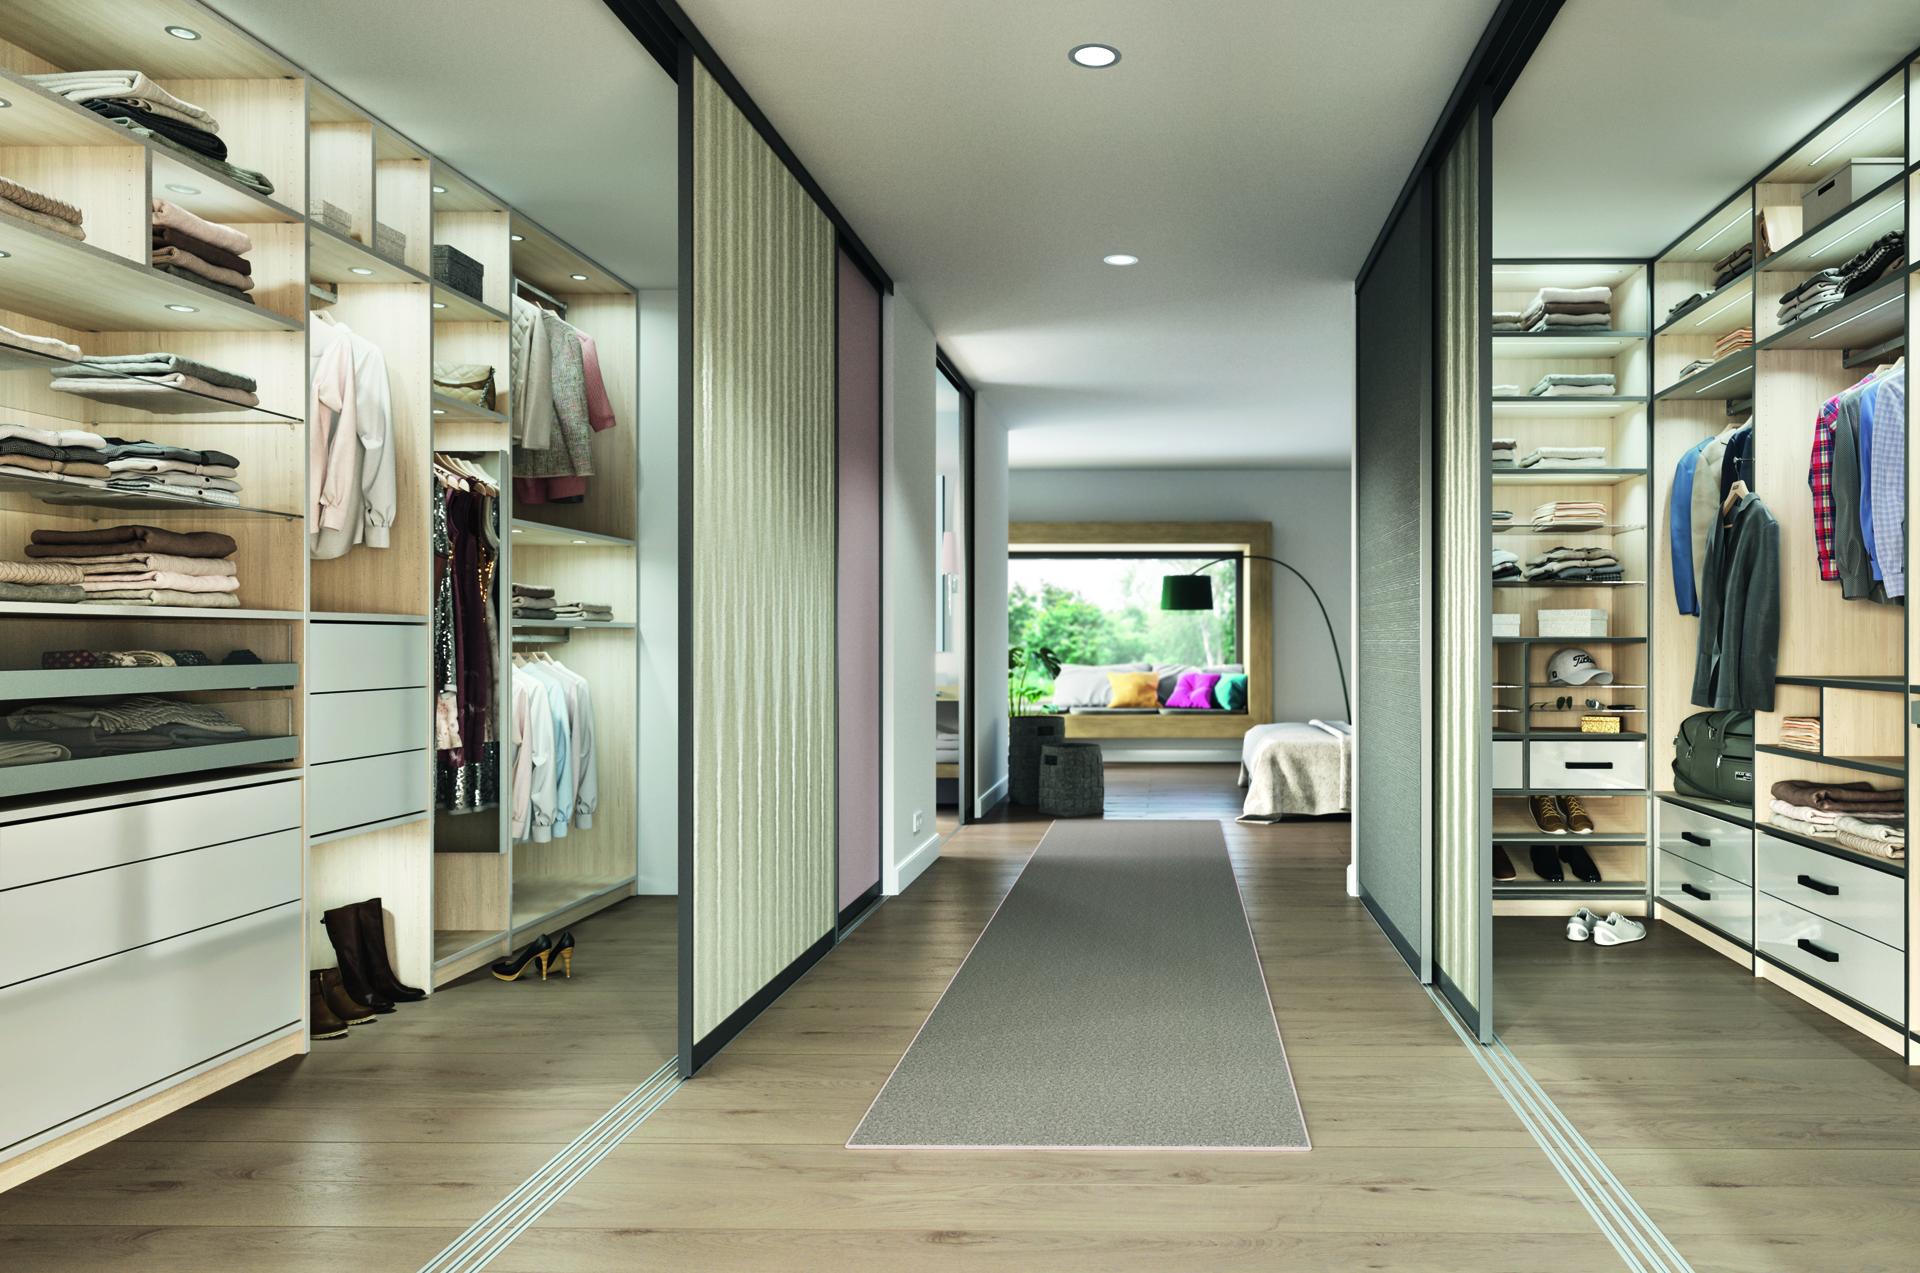 tendenza einrichter m bel m belhaus design m bel f r. Black Bedroom Furniture Sets. Home Design Ideas